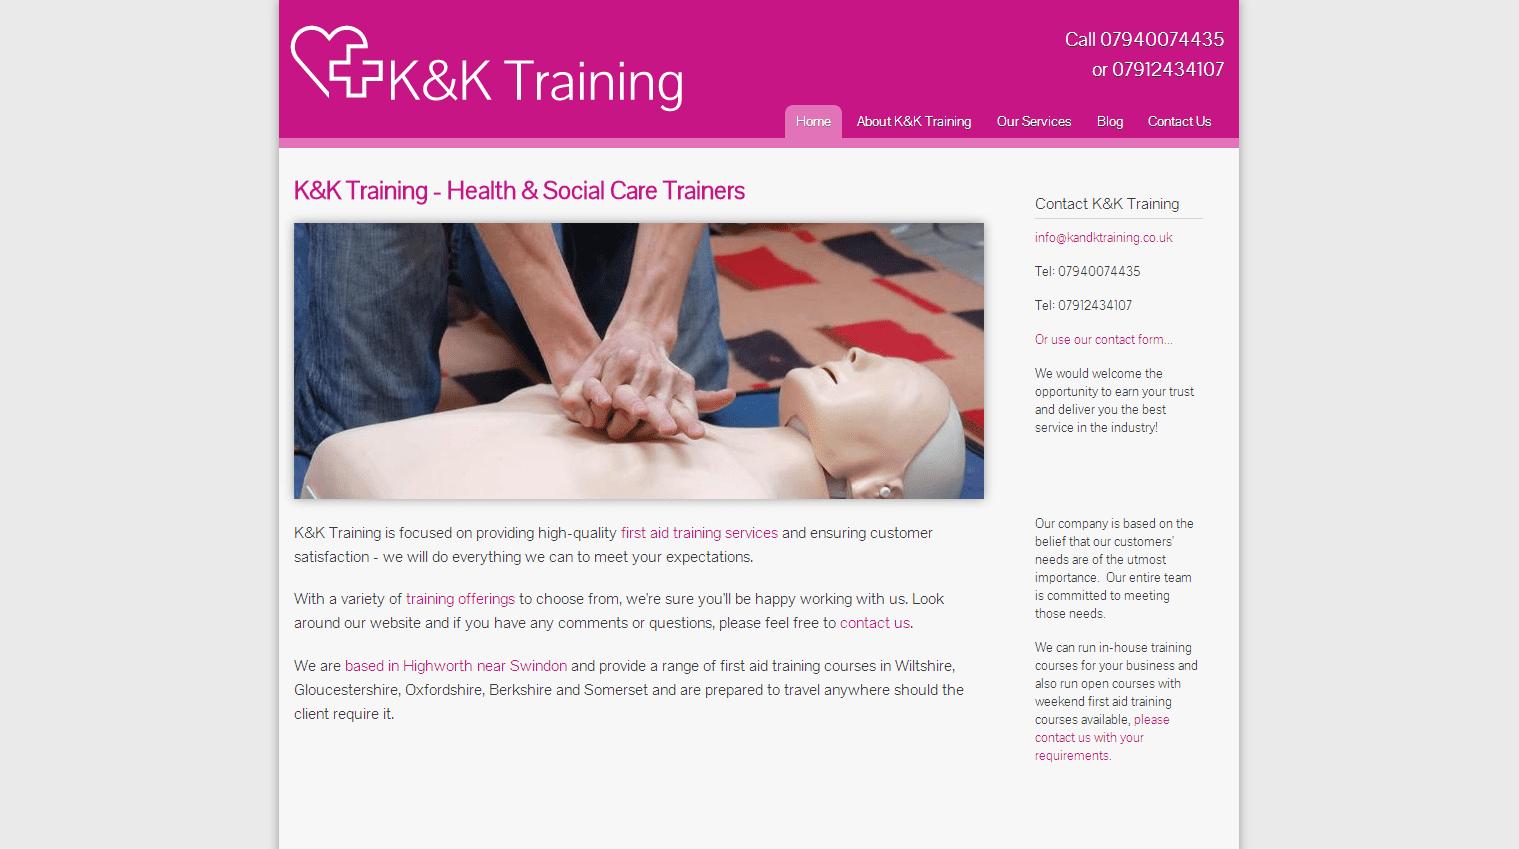 kk-trainings-new-website-from-obrien-media.png